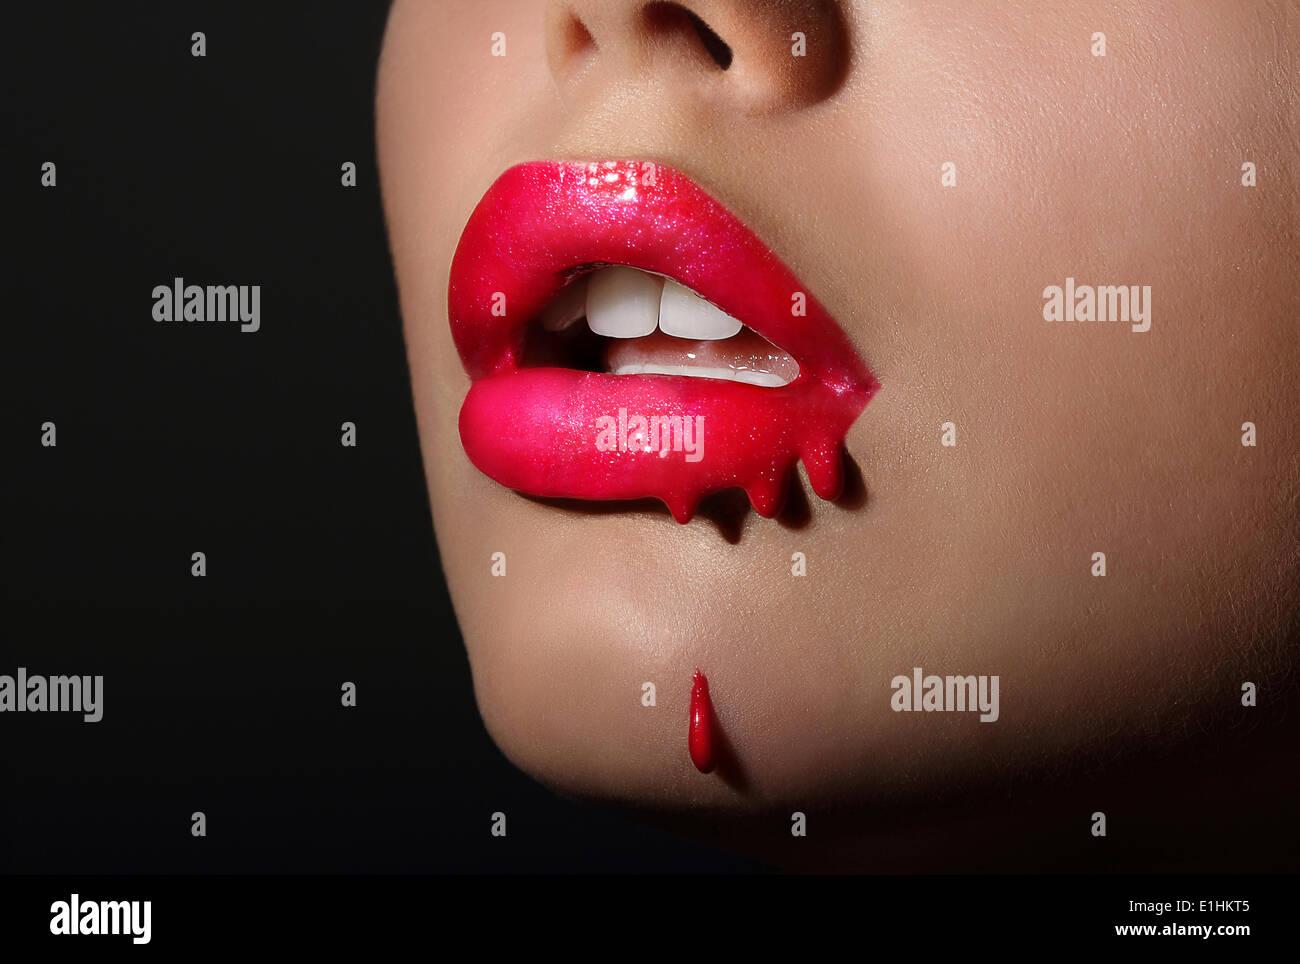 Splash. Des lèvres rouges de la femme avec des gouttes de rouge à lèvres. La créativité Photo Stock